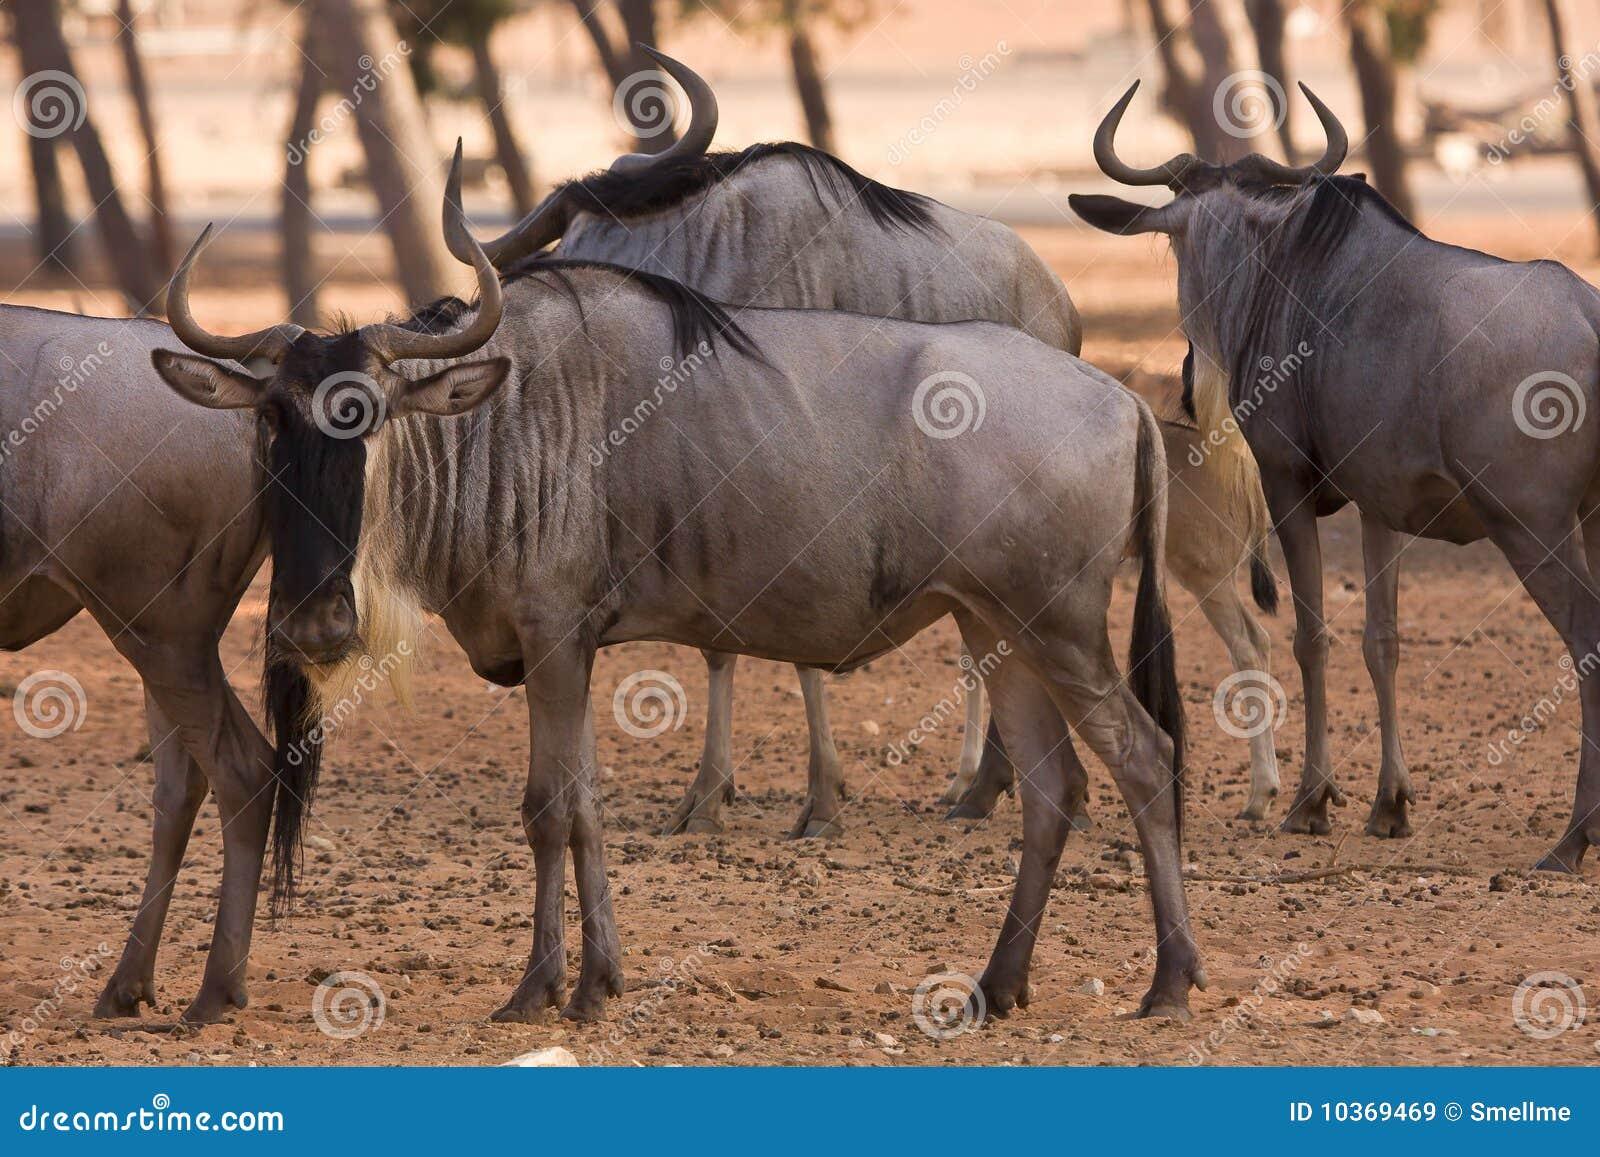 Wildebeests antelopes